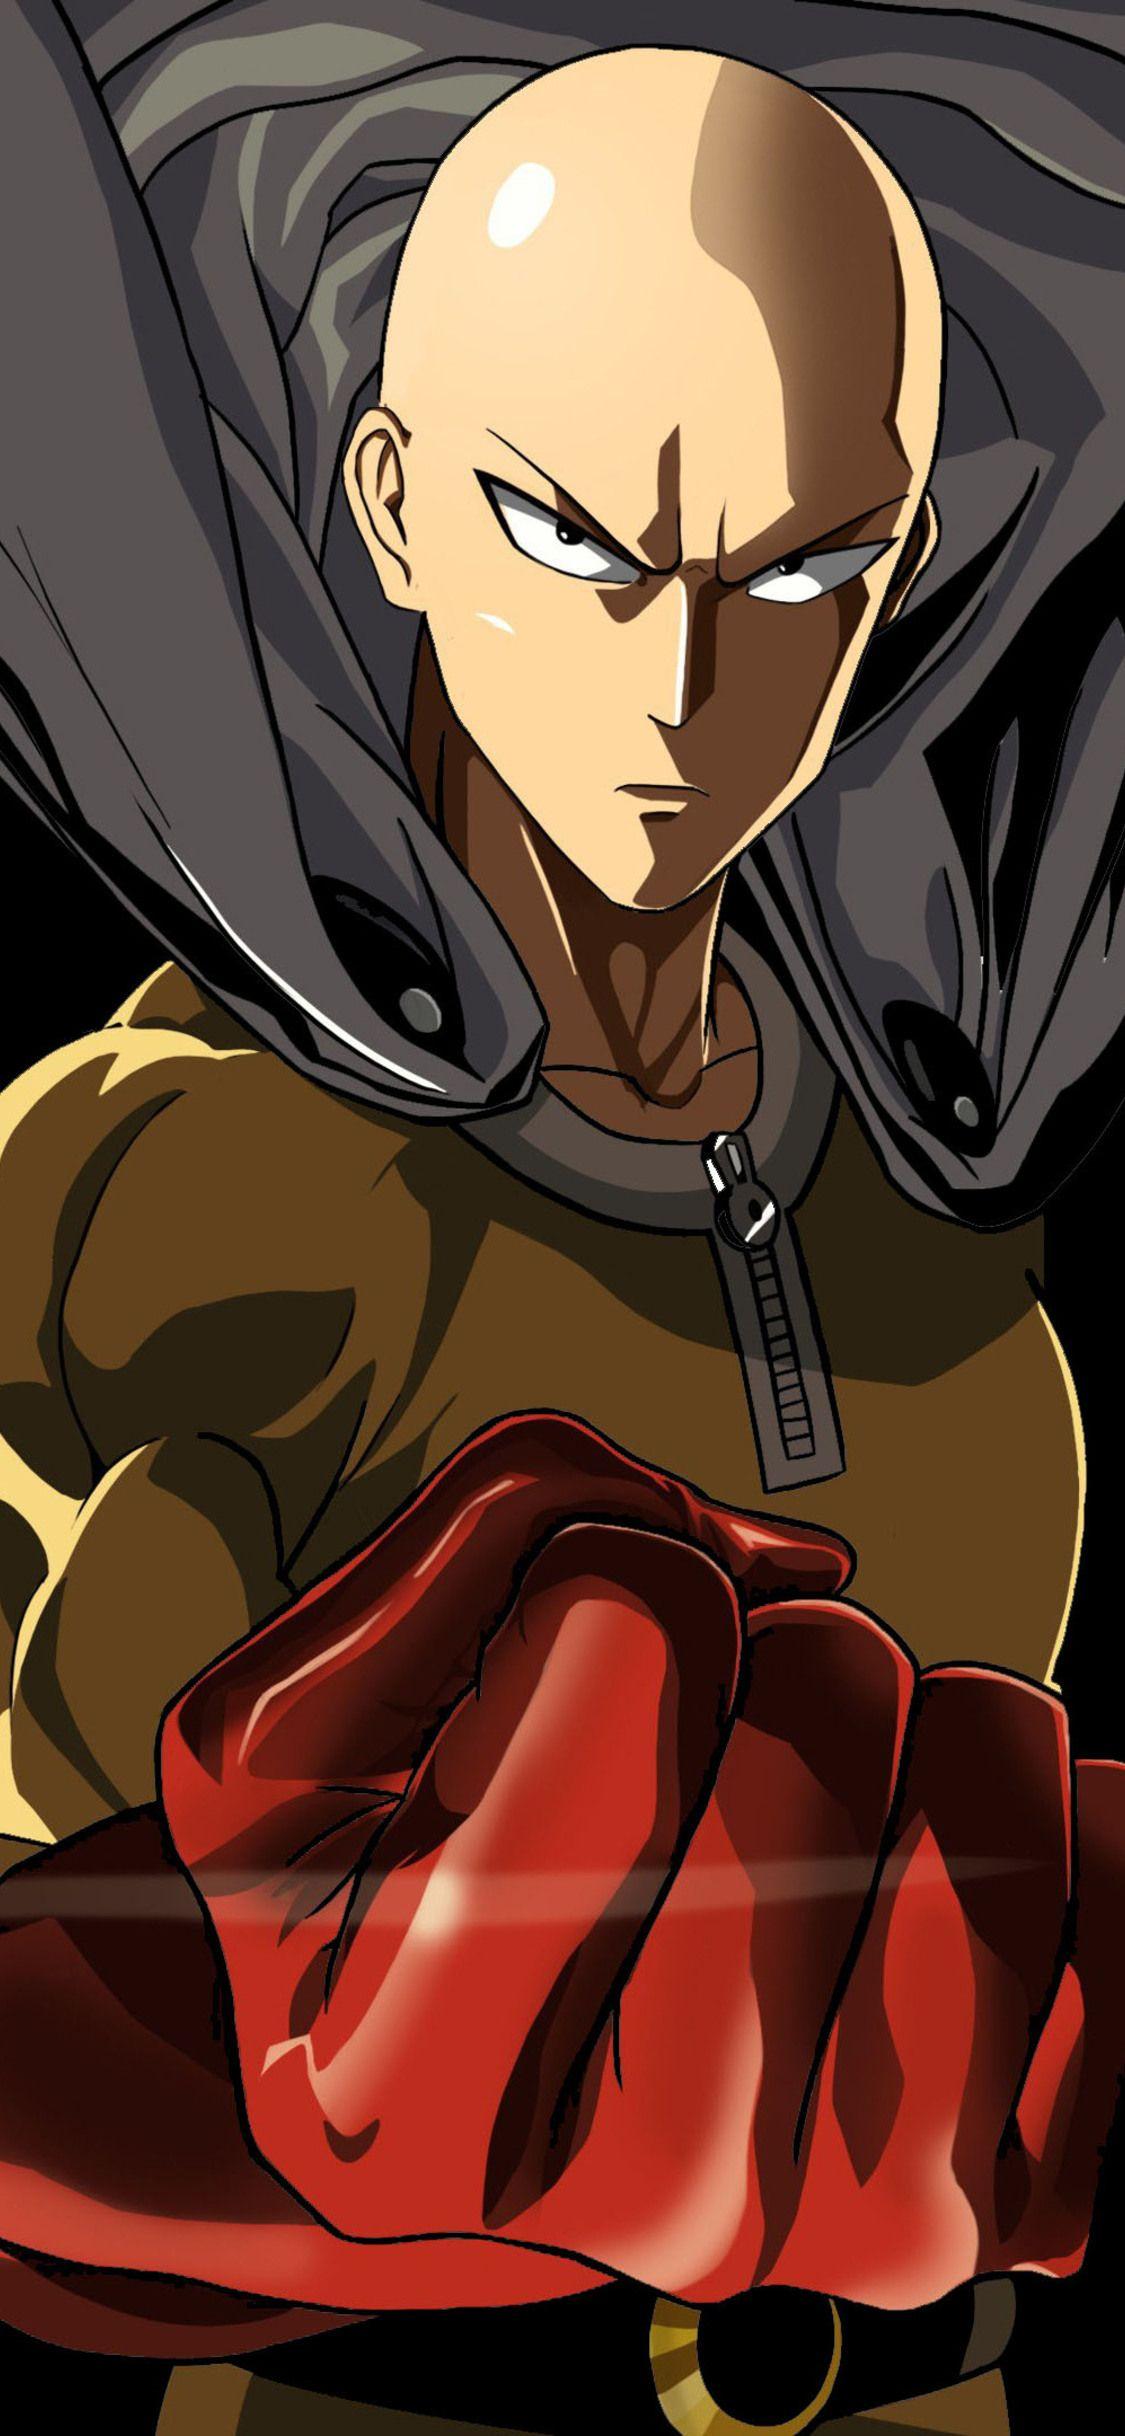 Https Hdqwalls Com Download One Punch Man 4k Of 1125x2436 Jpg Gambar Anime Gambar Karakter Ilustrasi 3d